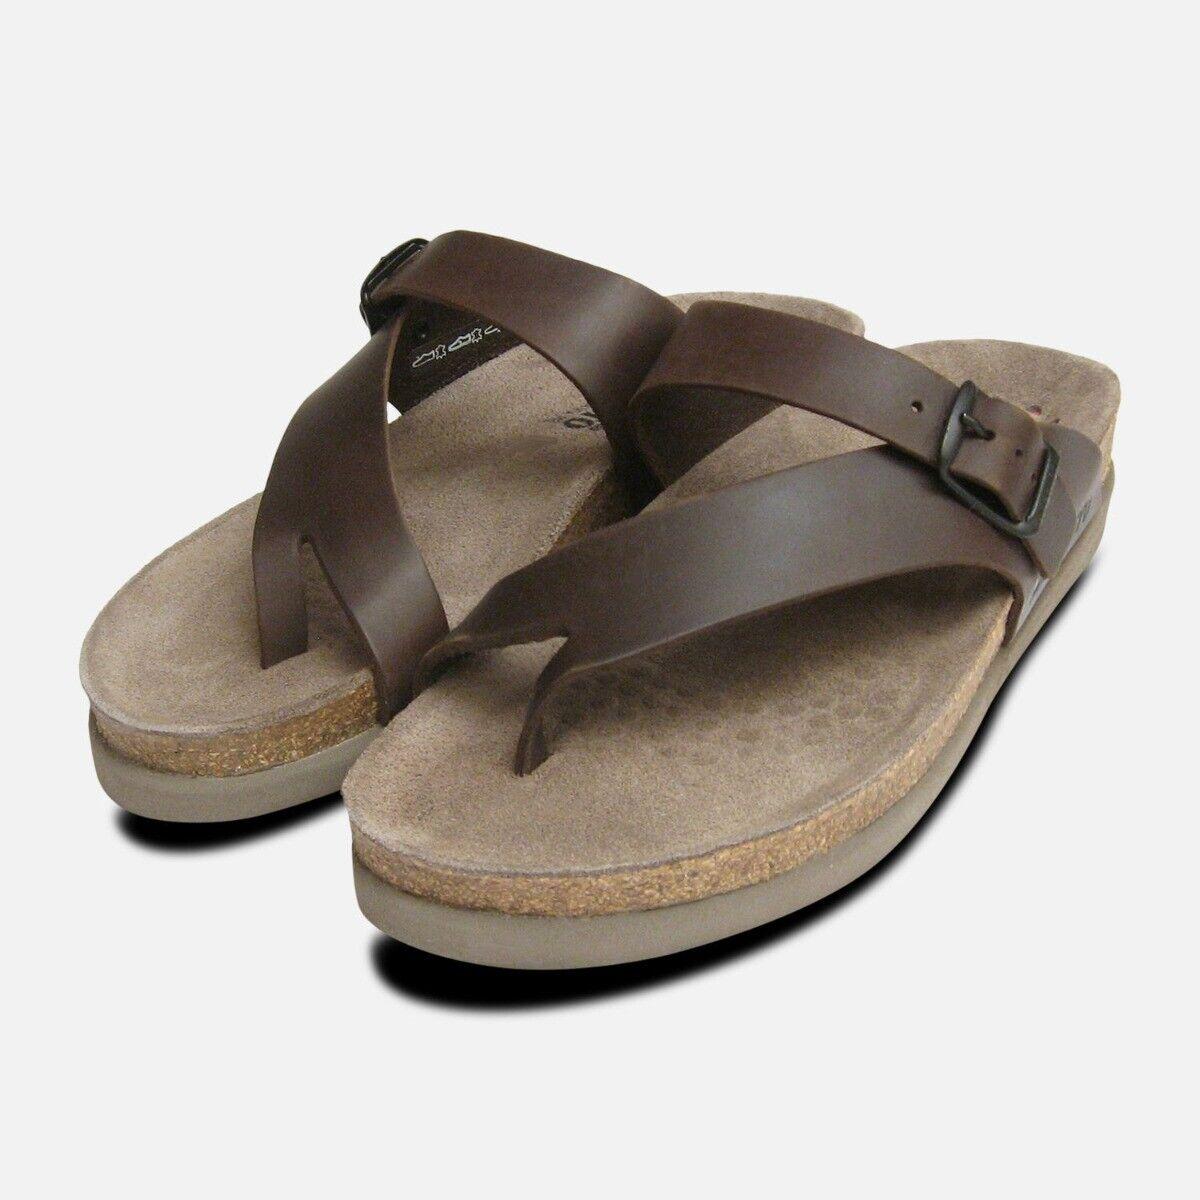 Helen marron foncé Cireuse Sandales en cuir Mephisto chaussures